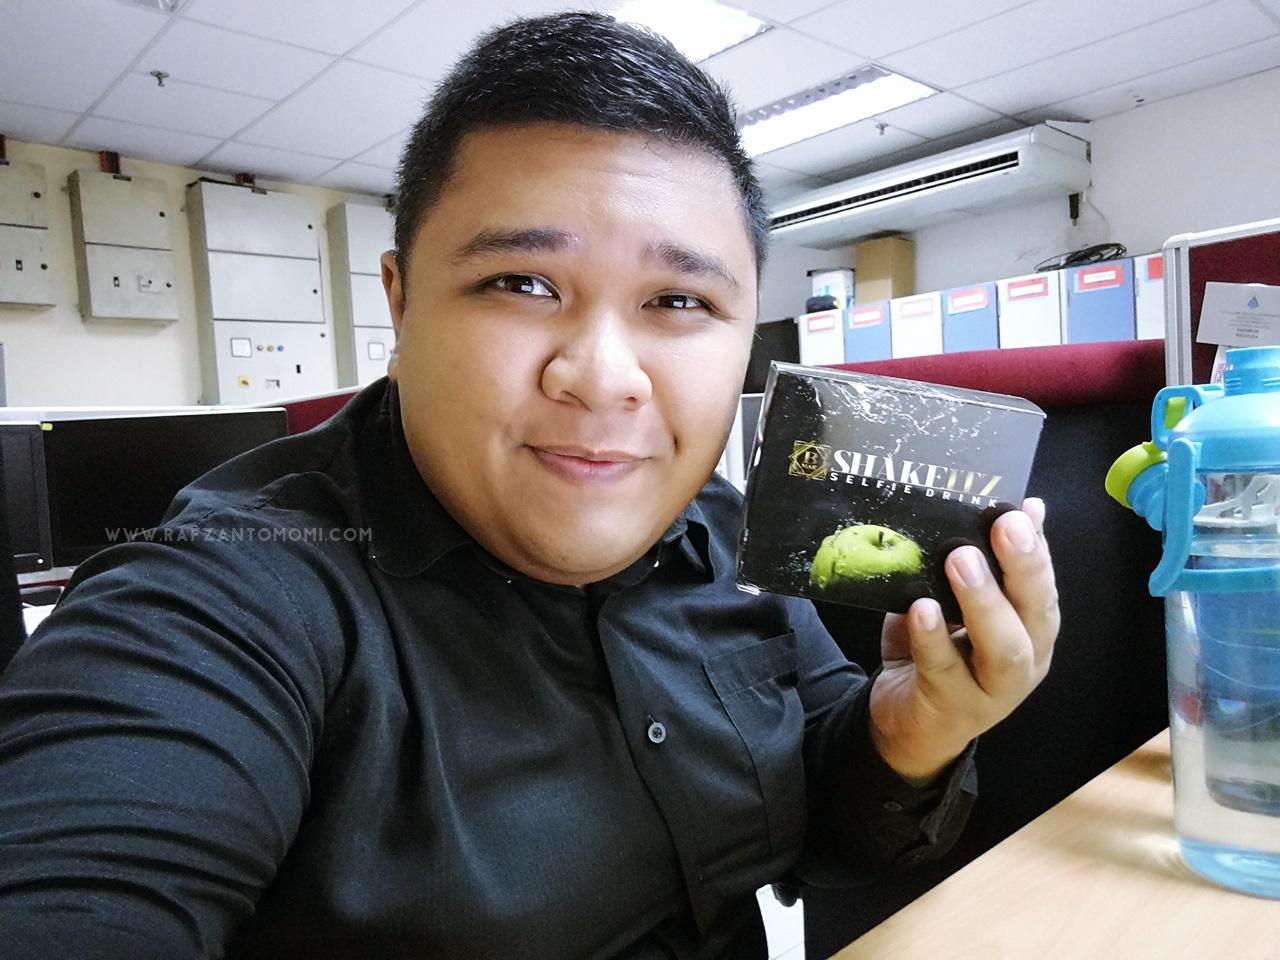 ShakeITZ Selfie Drink - Membantu Mengurangkan Berat Badan & Perut Buncit